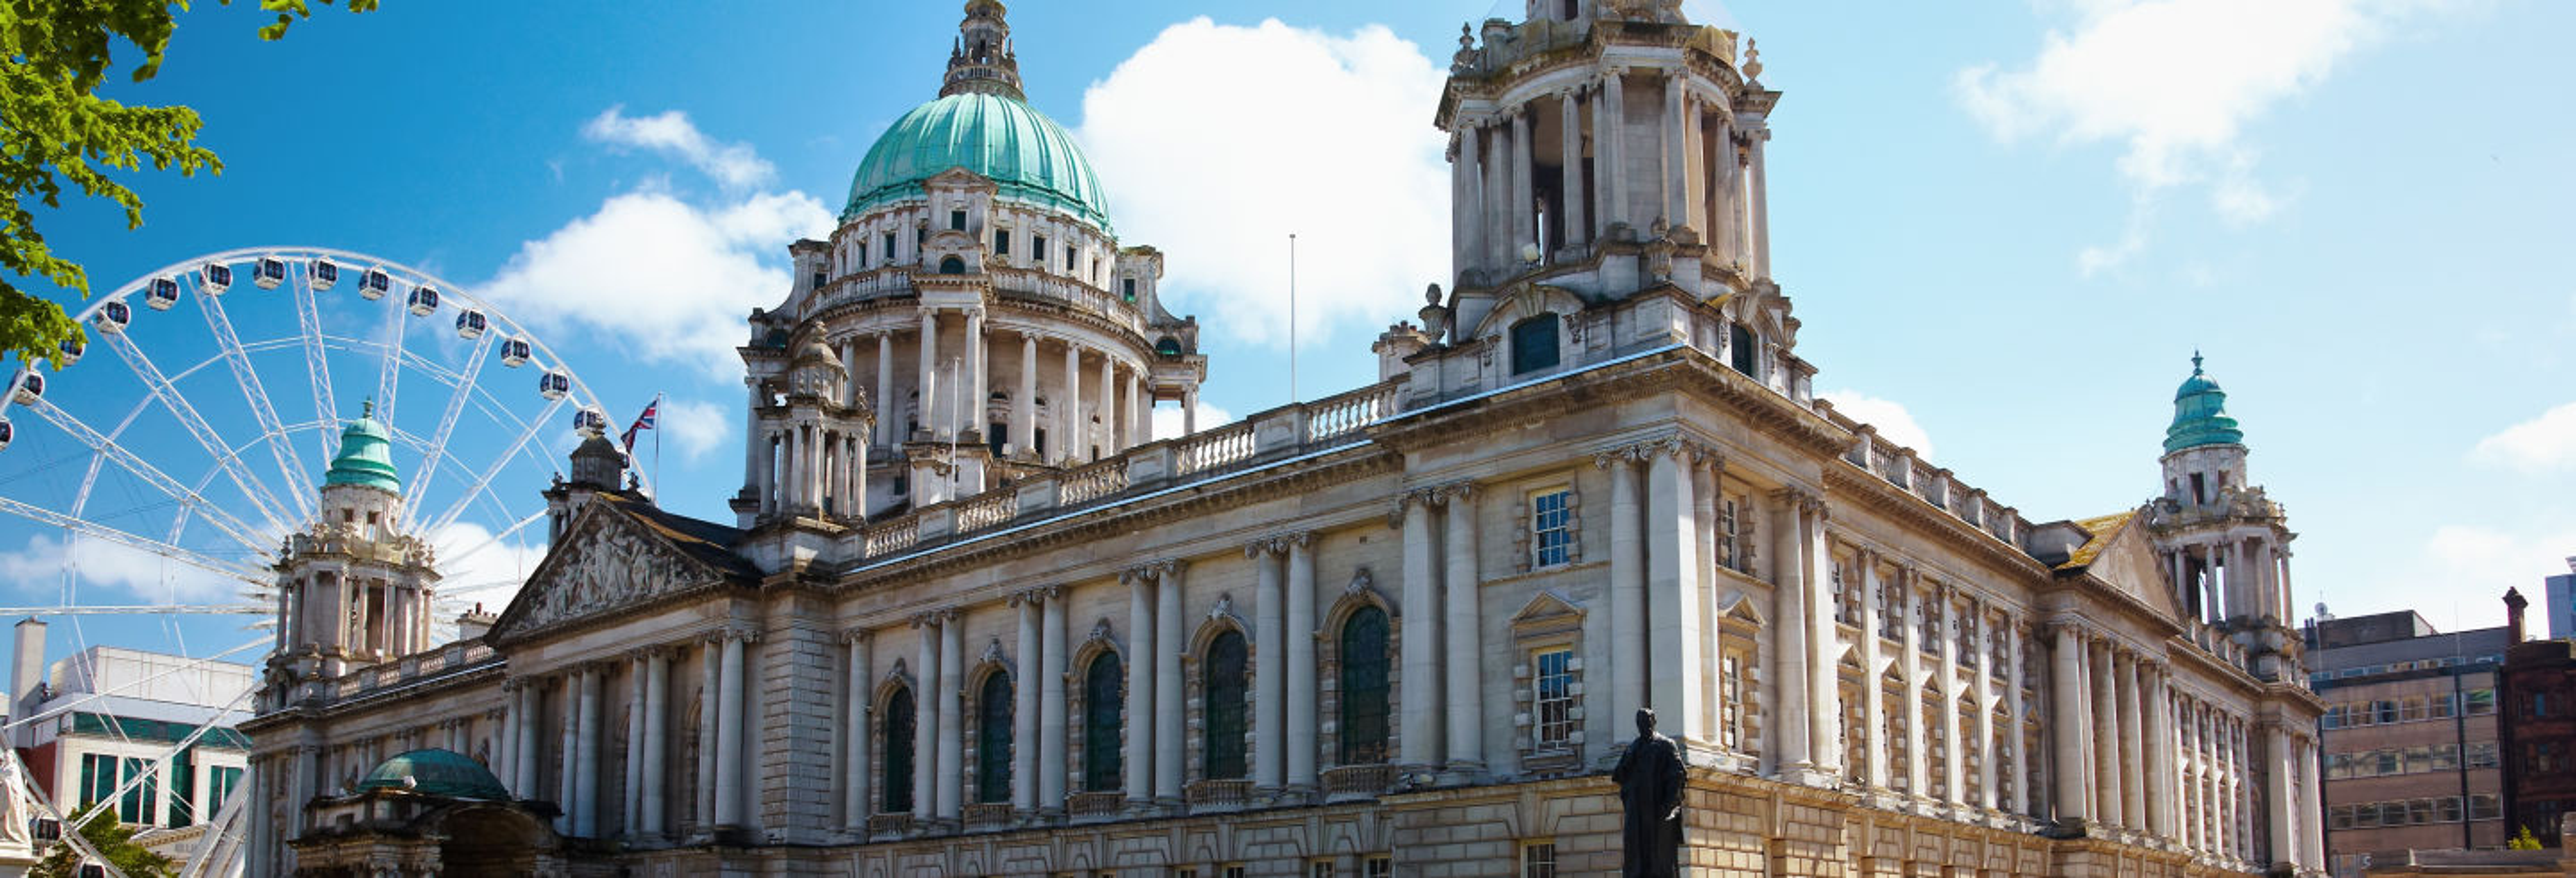 Excursion à Belfast et Musée du Titanic